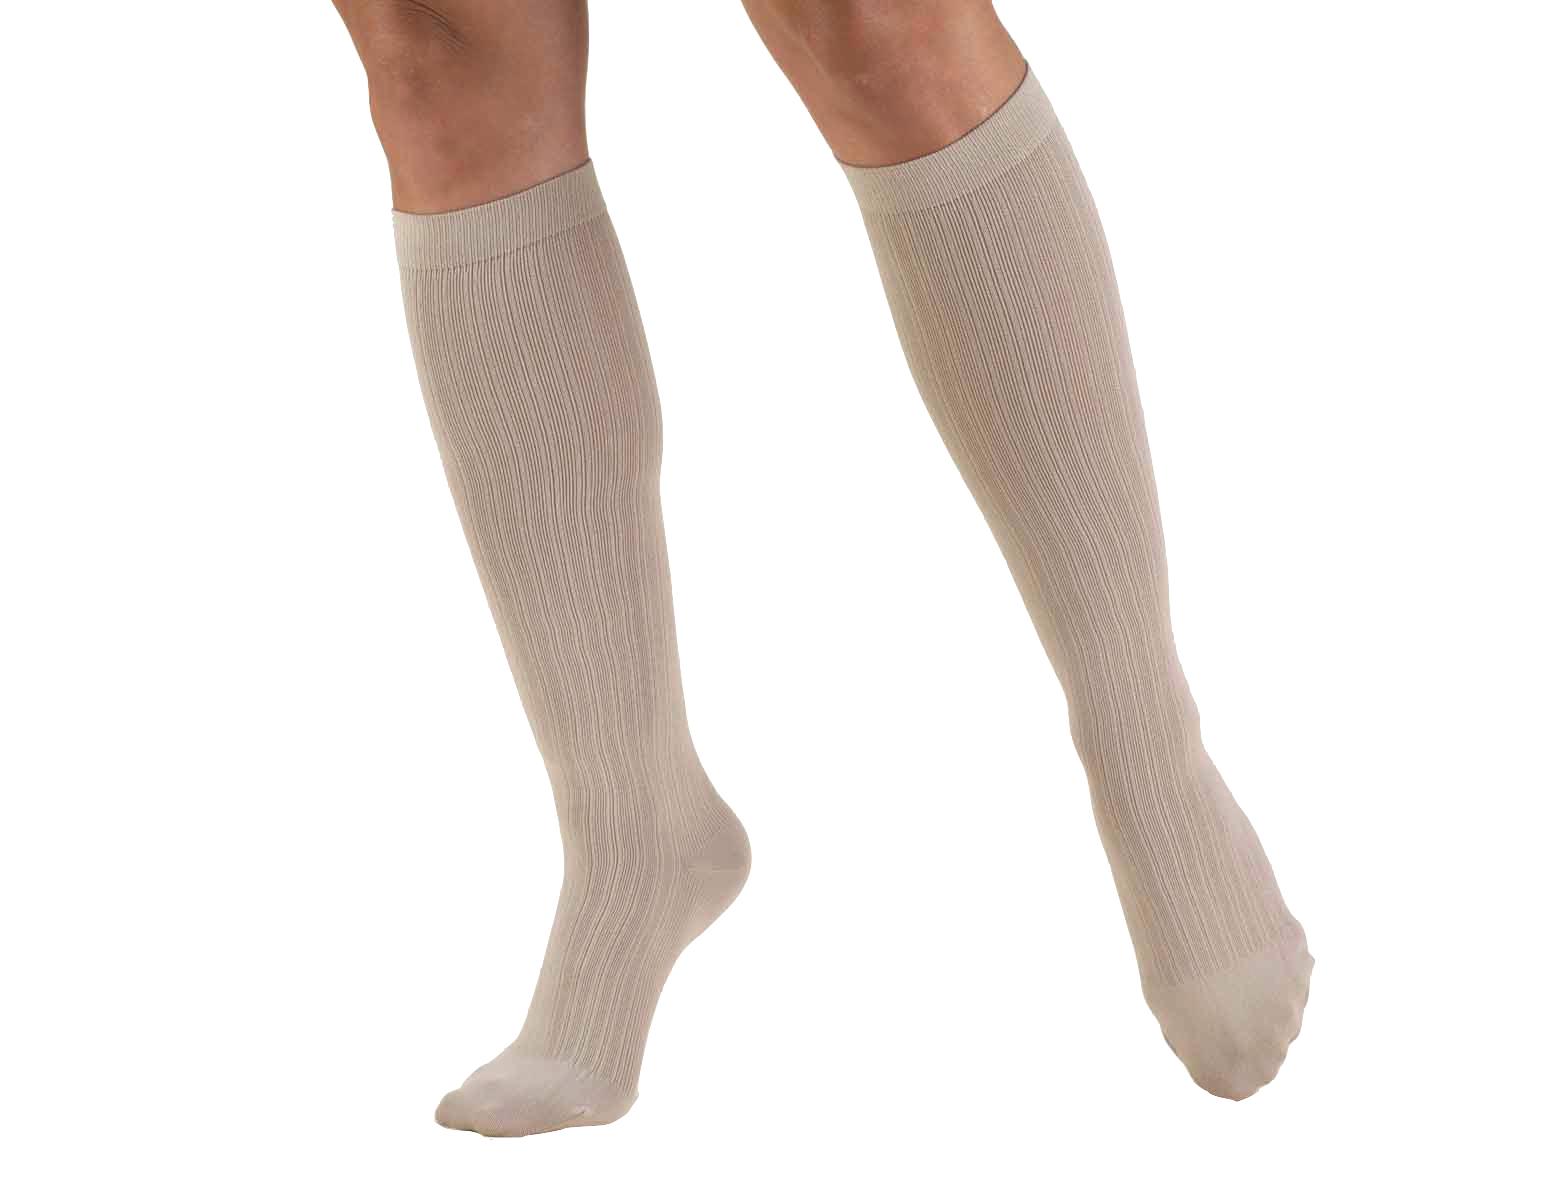 Truform 1973 (15-20 Knee High Sock, Rib Pattern)